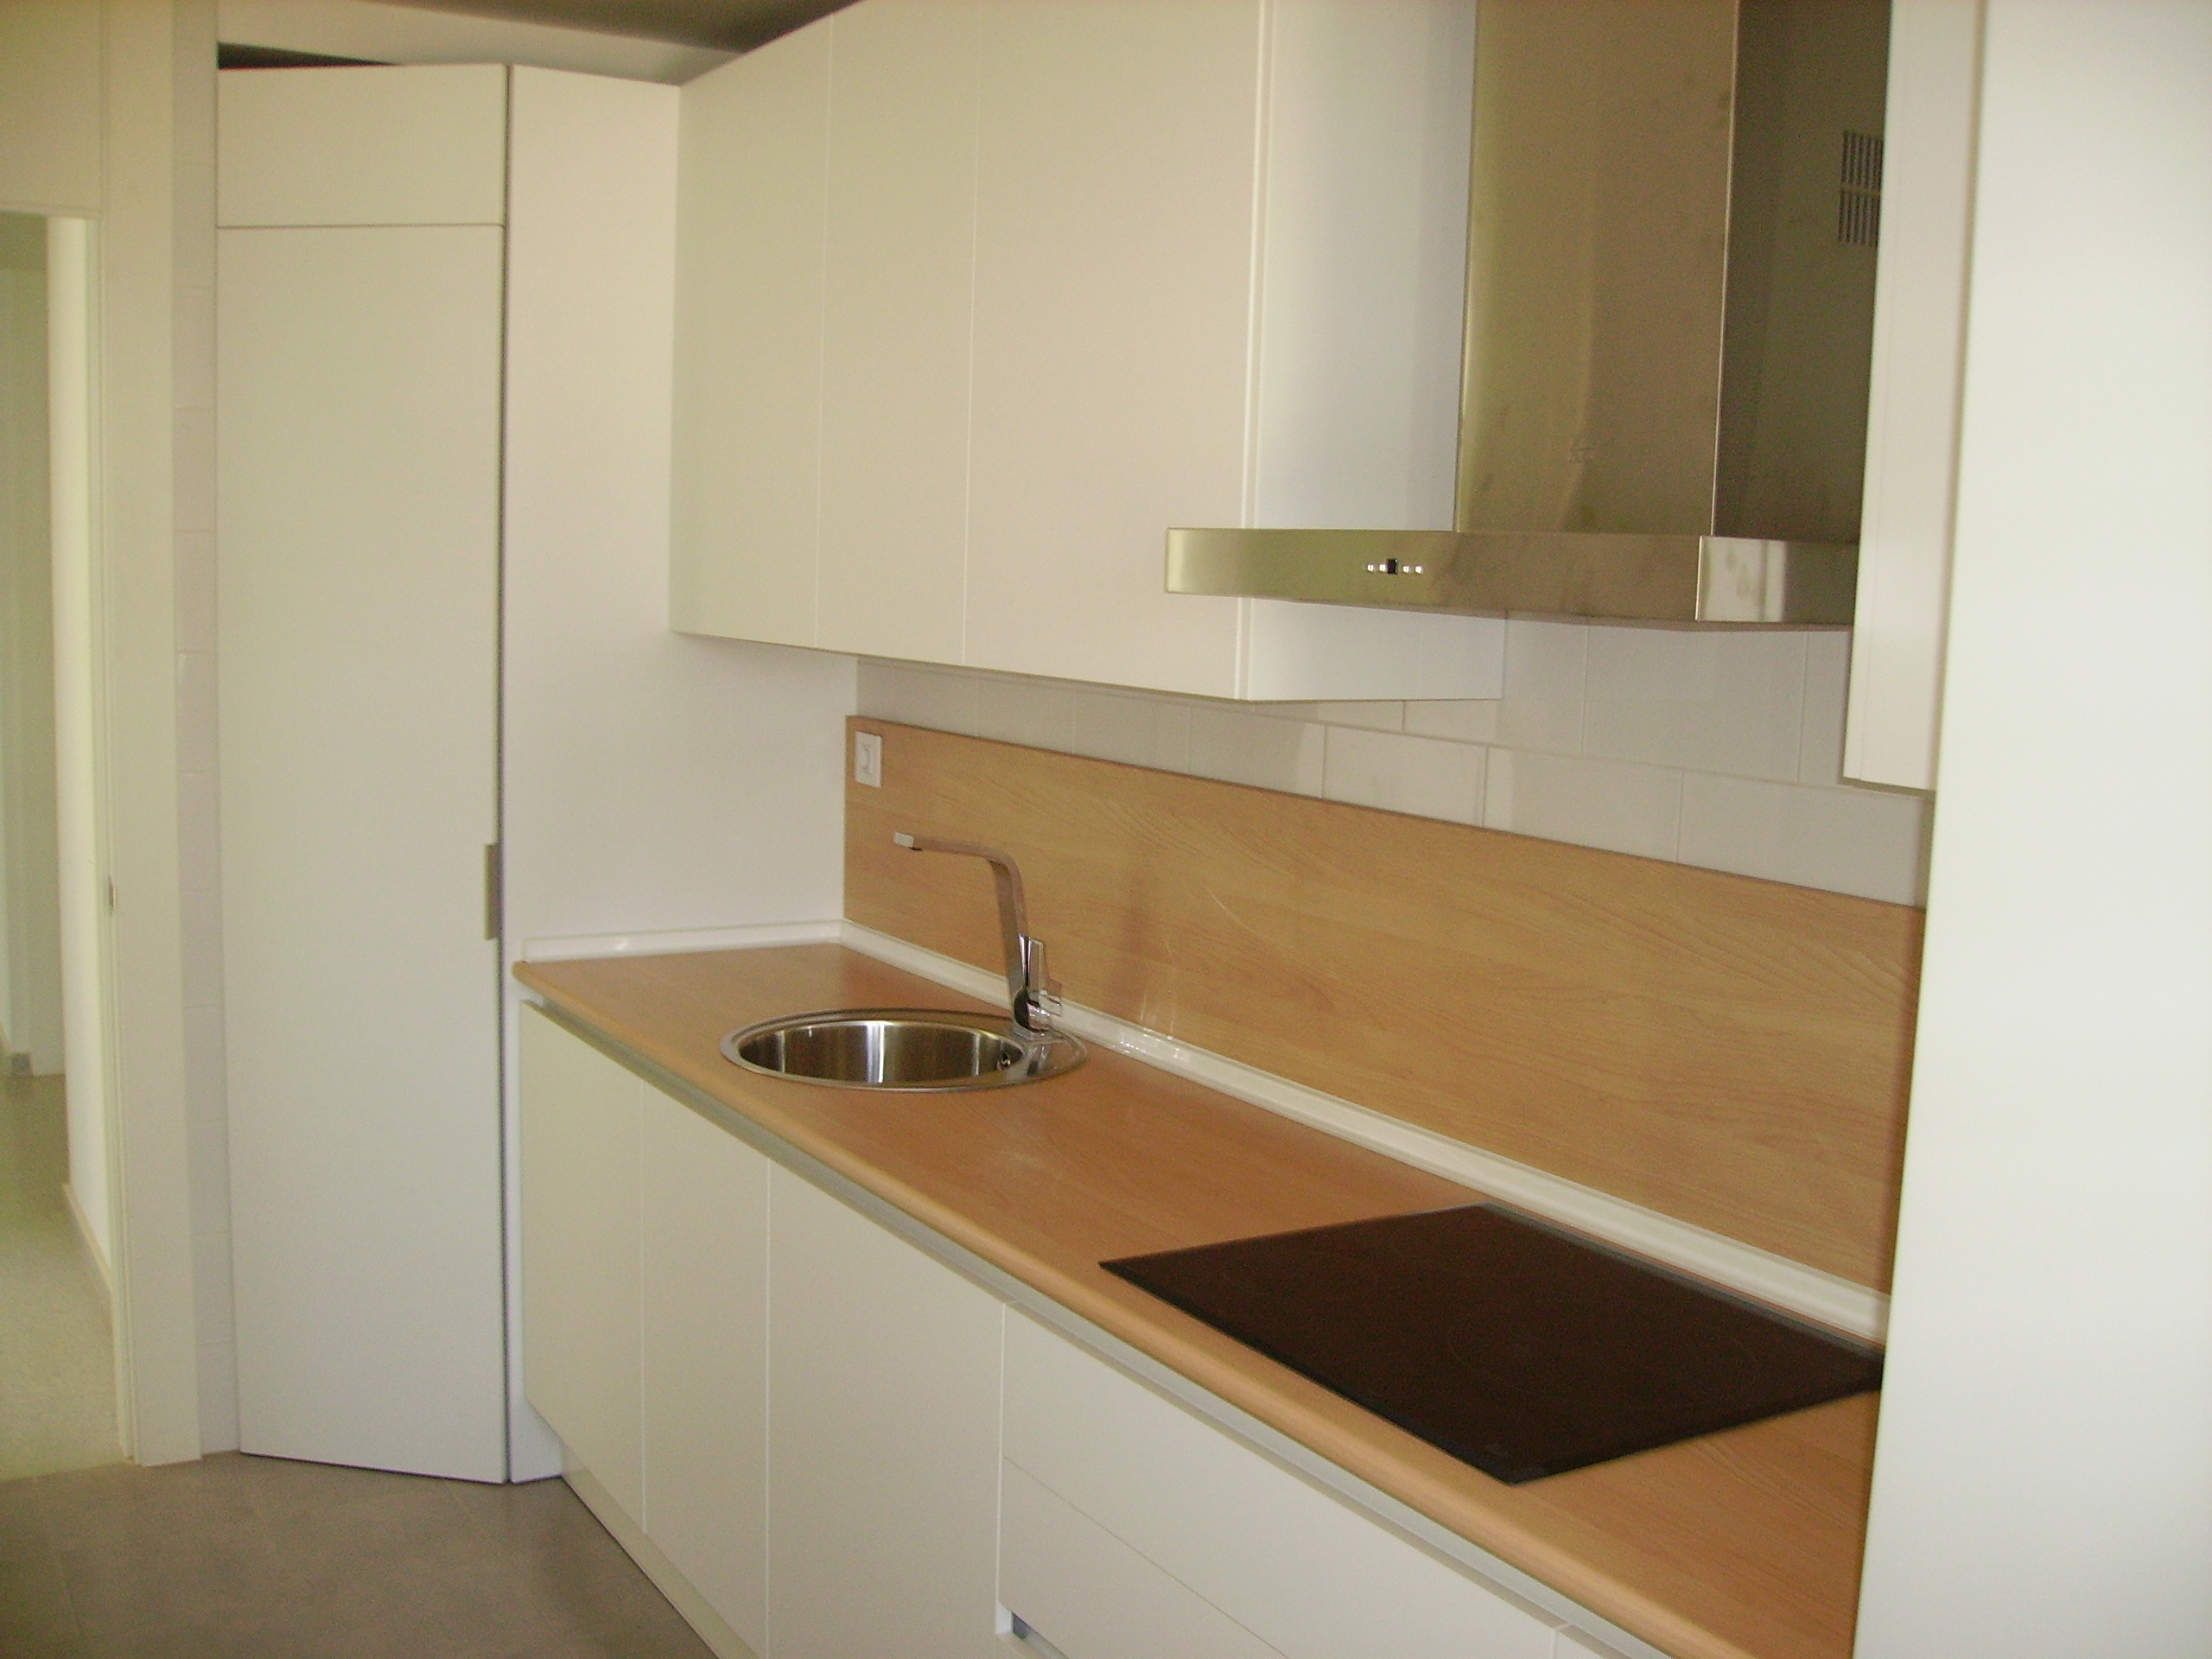 Nuestras cocinas selecci n cocinas tienda de cocinas - Encimeras de cocina de madera ...